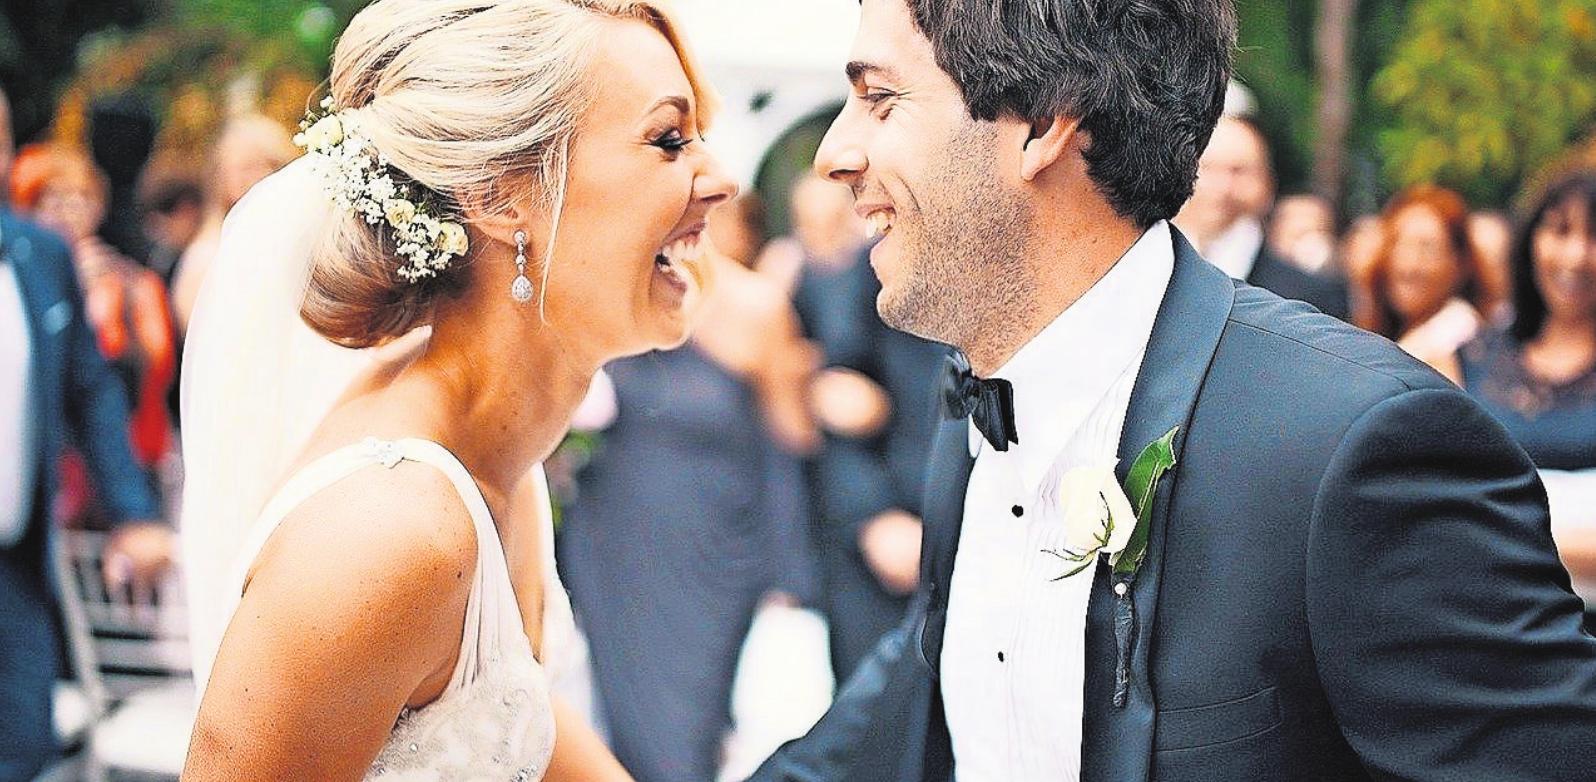 Bis zu dem großen Tag gibt es für das Brautpaar viel zu erledigen. Foto: Pixabay